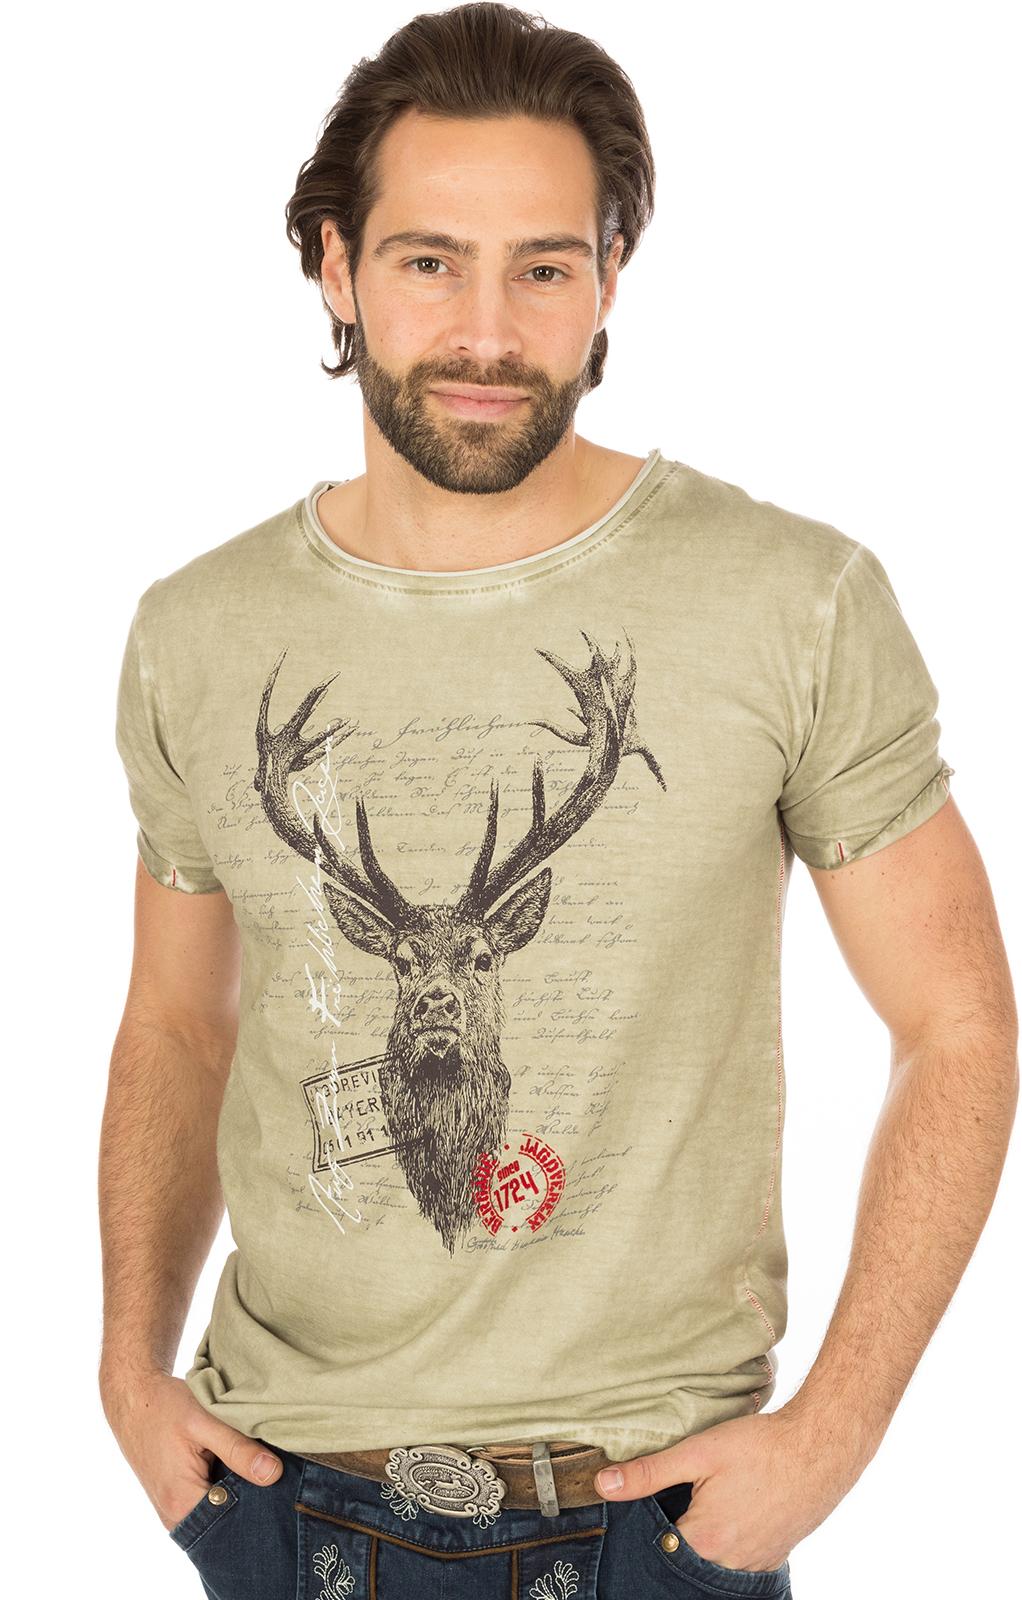 Trachten T-Shirt M04 JAGDLIED Hirsch beige von Marjo